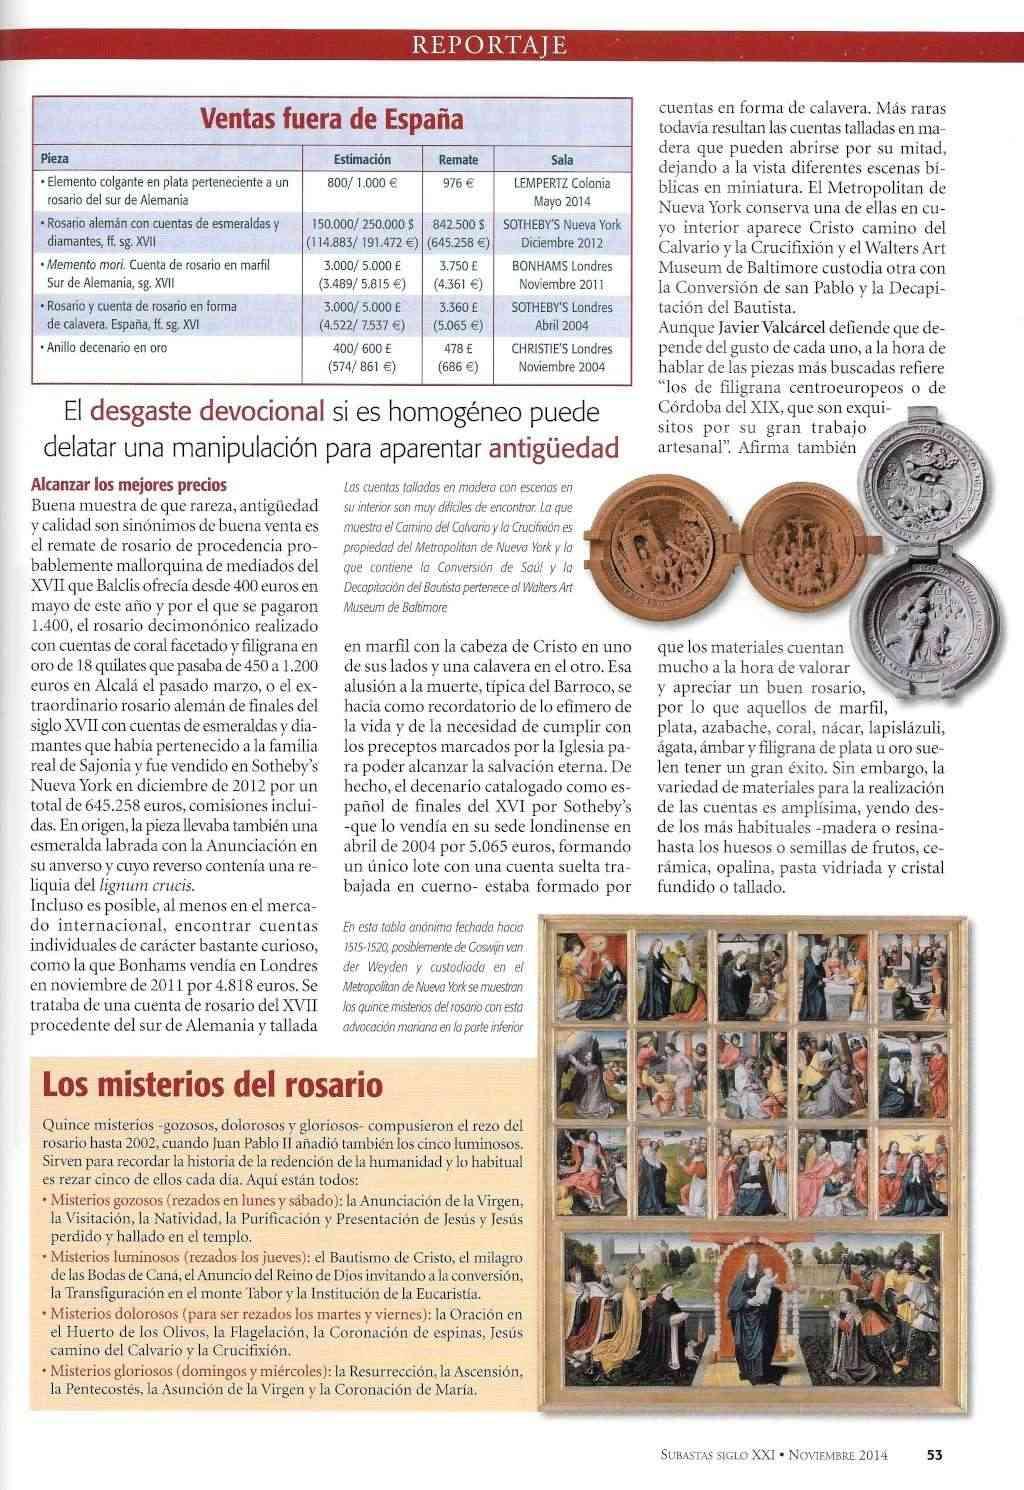 REPORTAJE SOBRE ROSARIOS EN REVISTA SIGLO XXI - SUBASTAS - NOVIEMBRE 2014 Rosari17